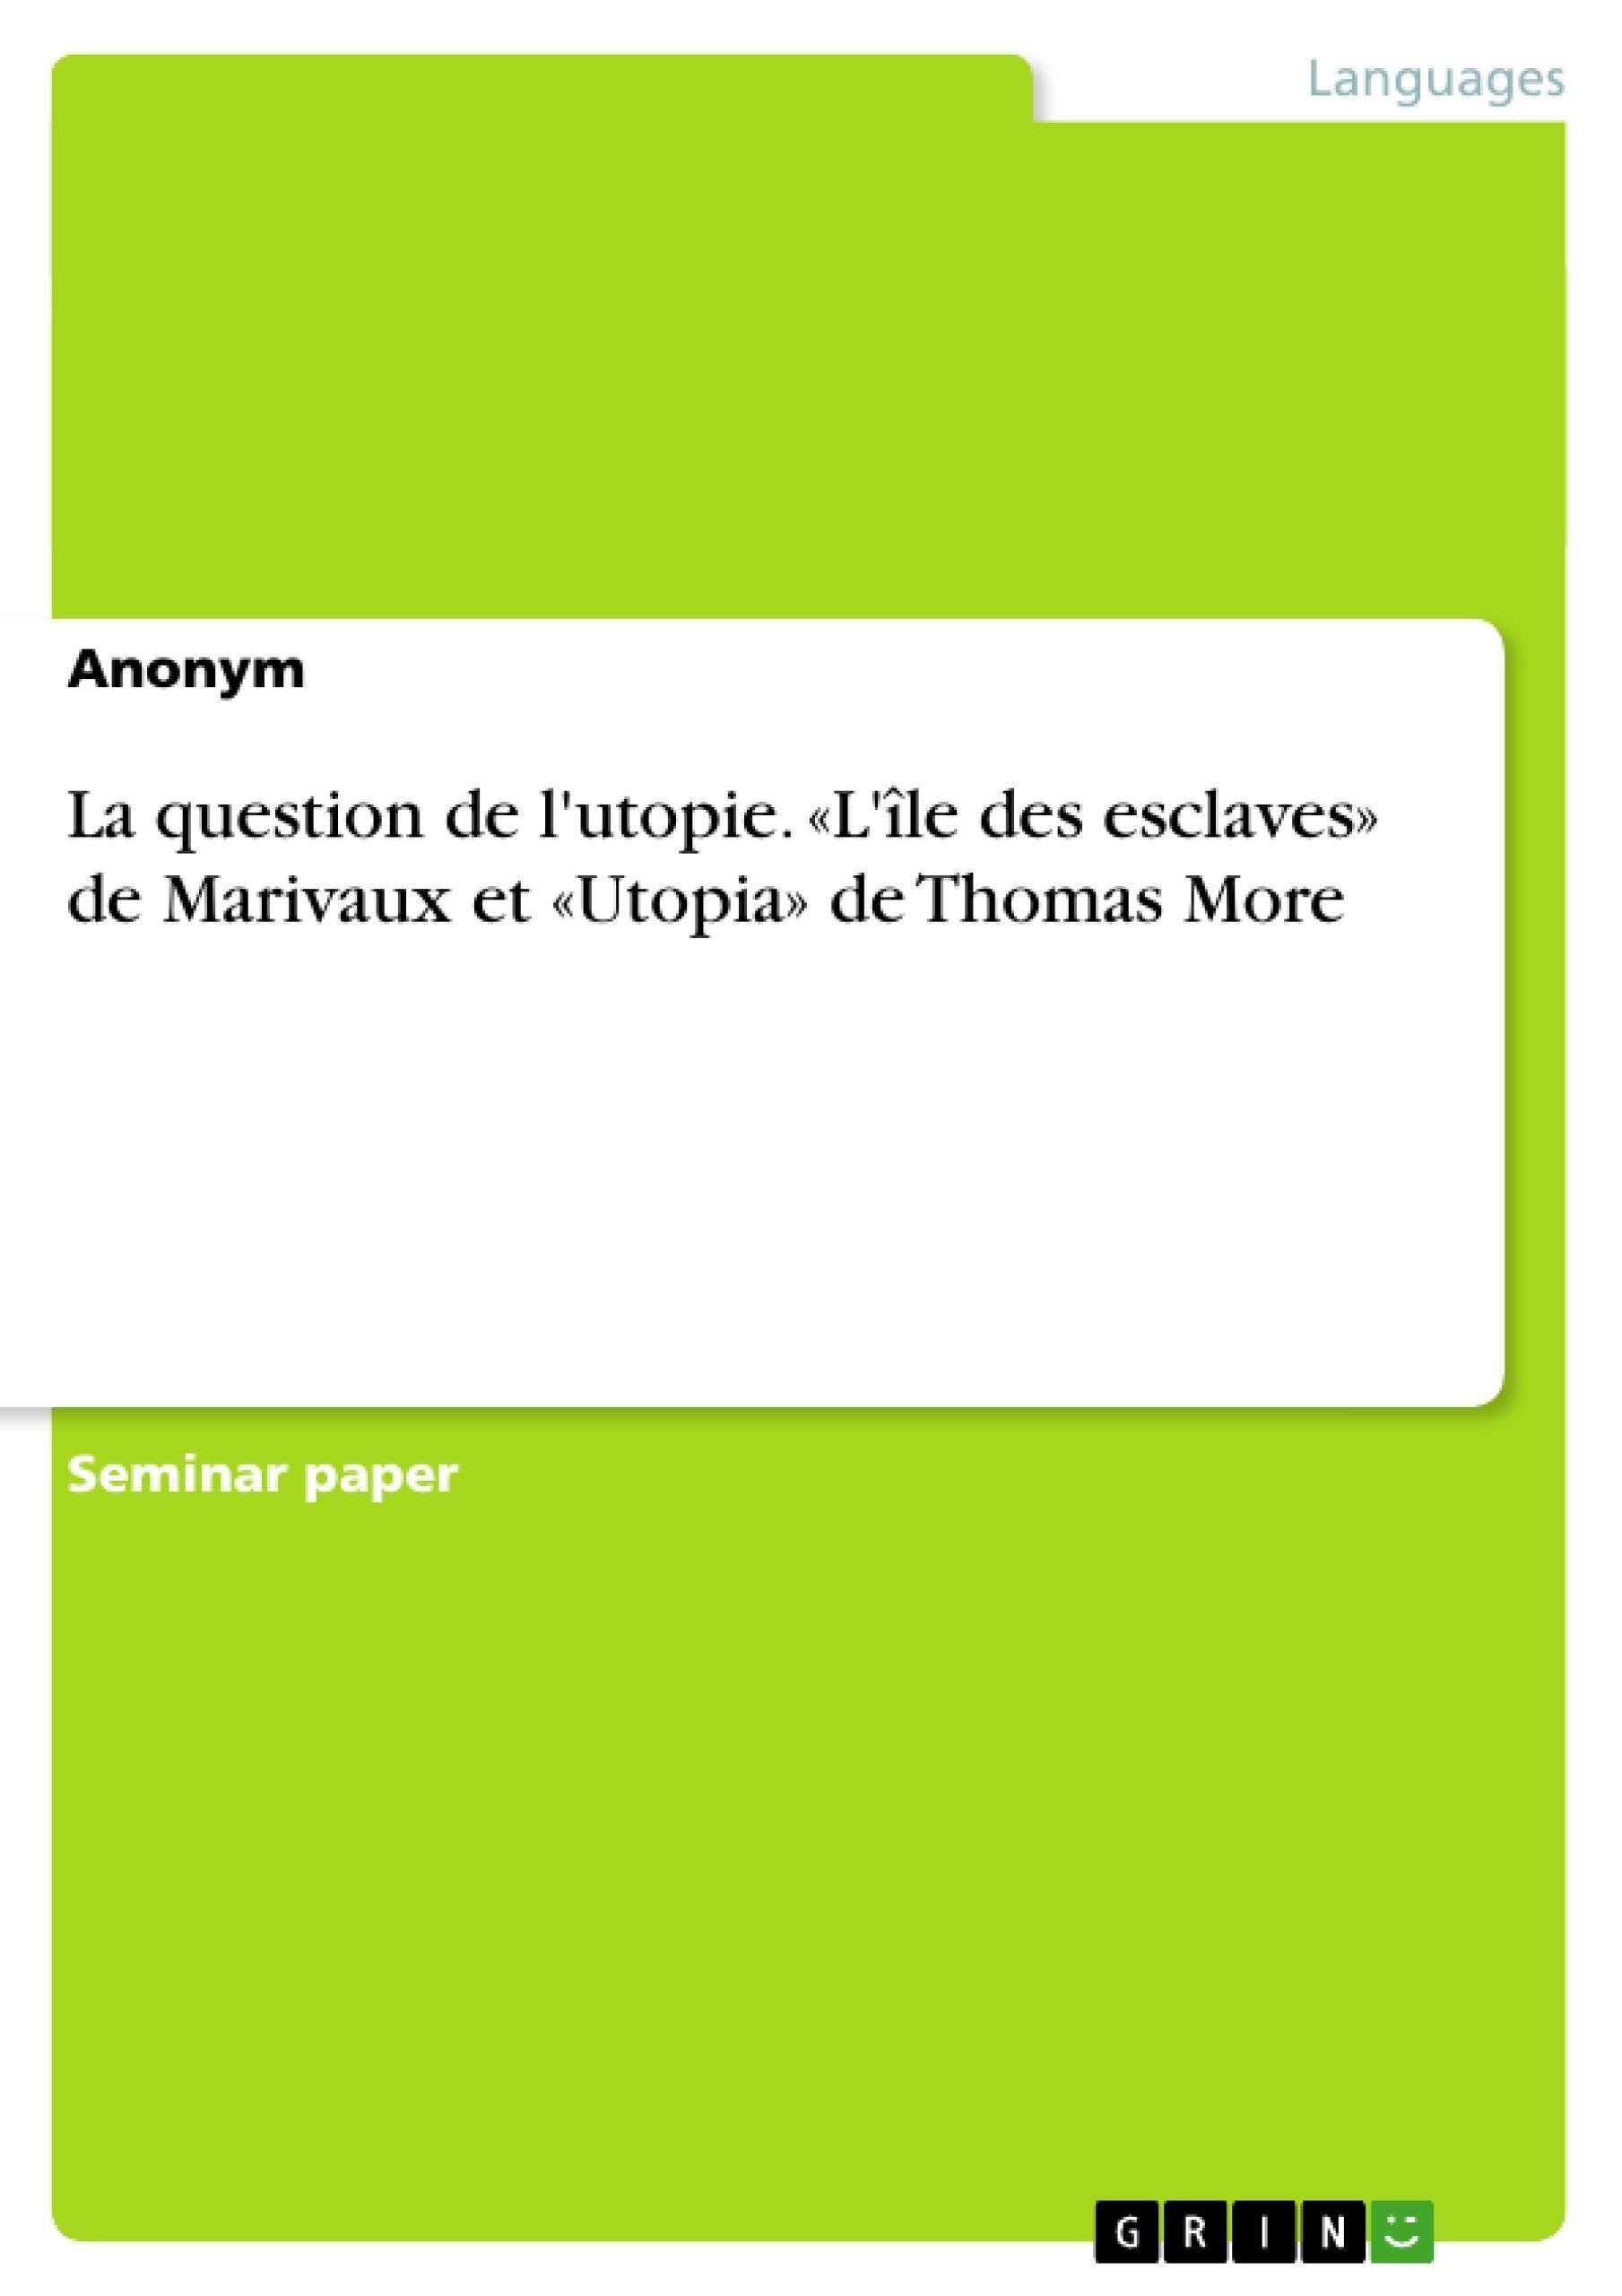 La question de l'utopie. «L'île des esclaves» de Marivaux et «Utopia» de Th ...